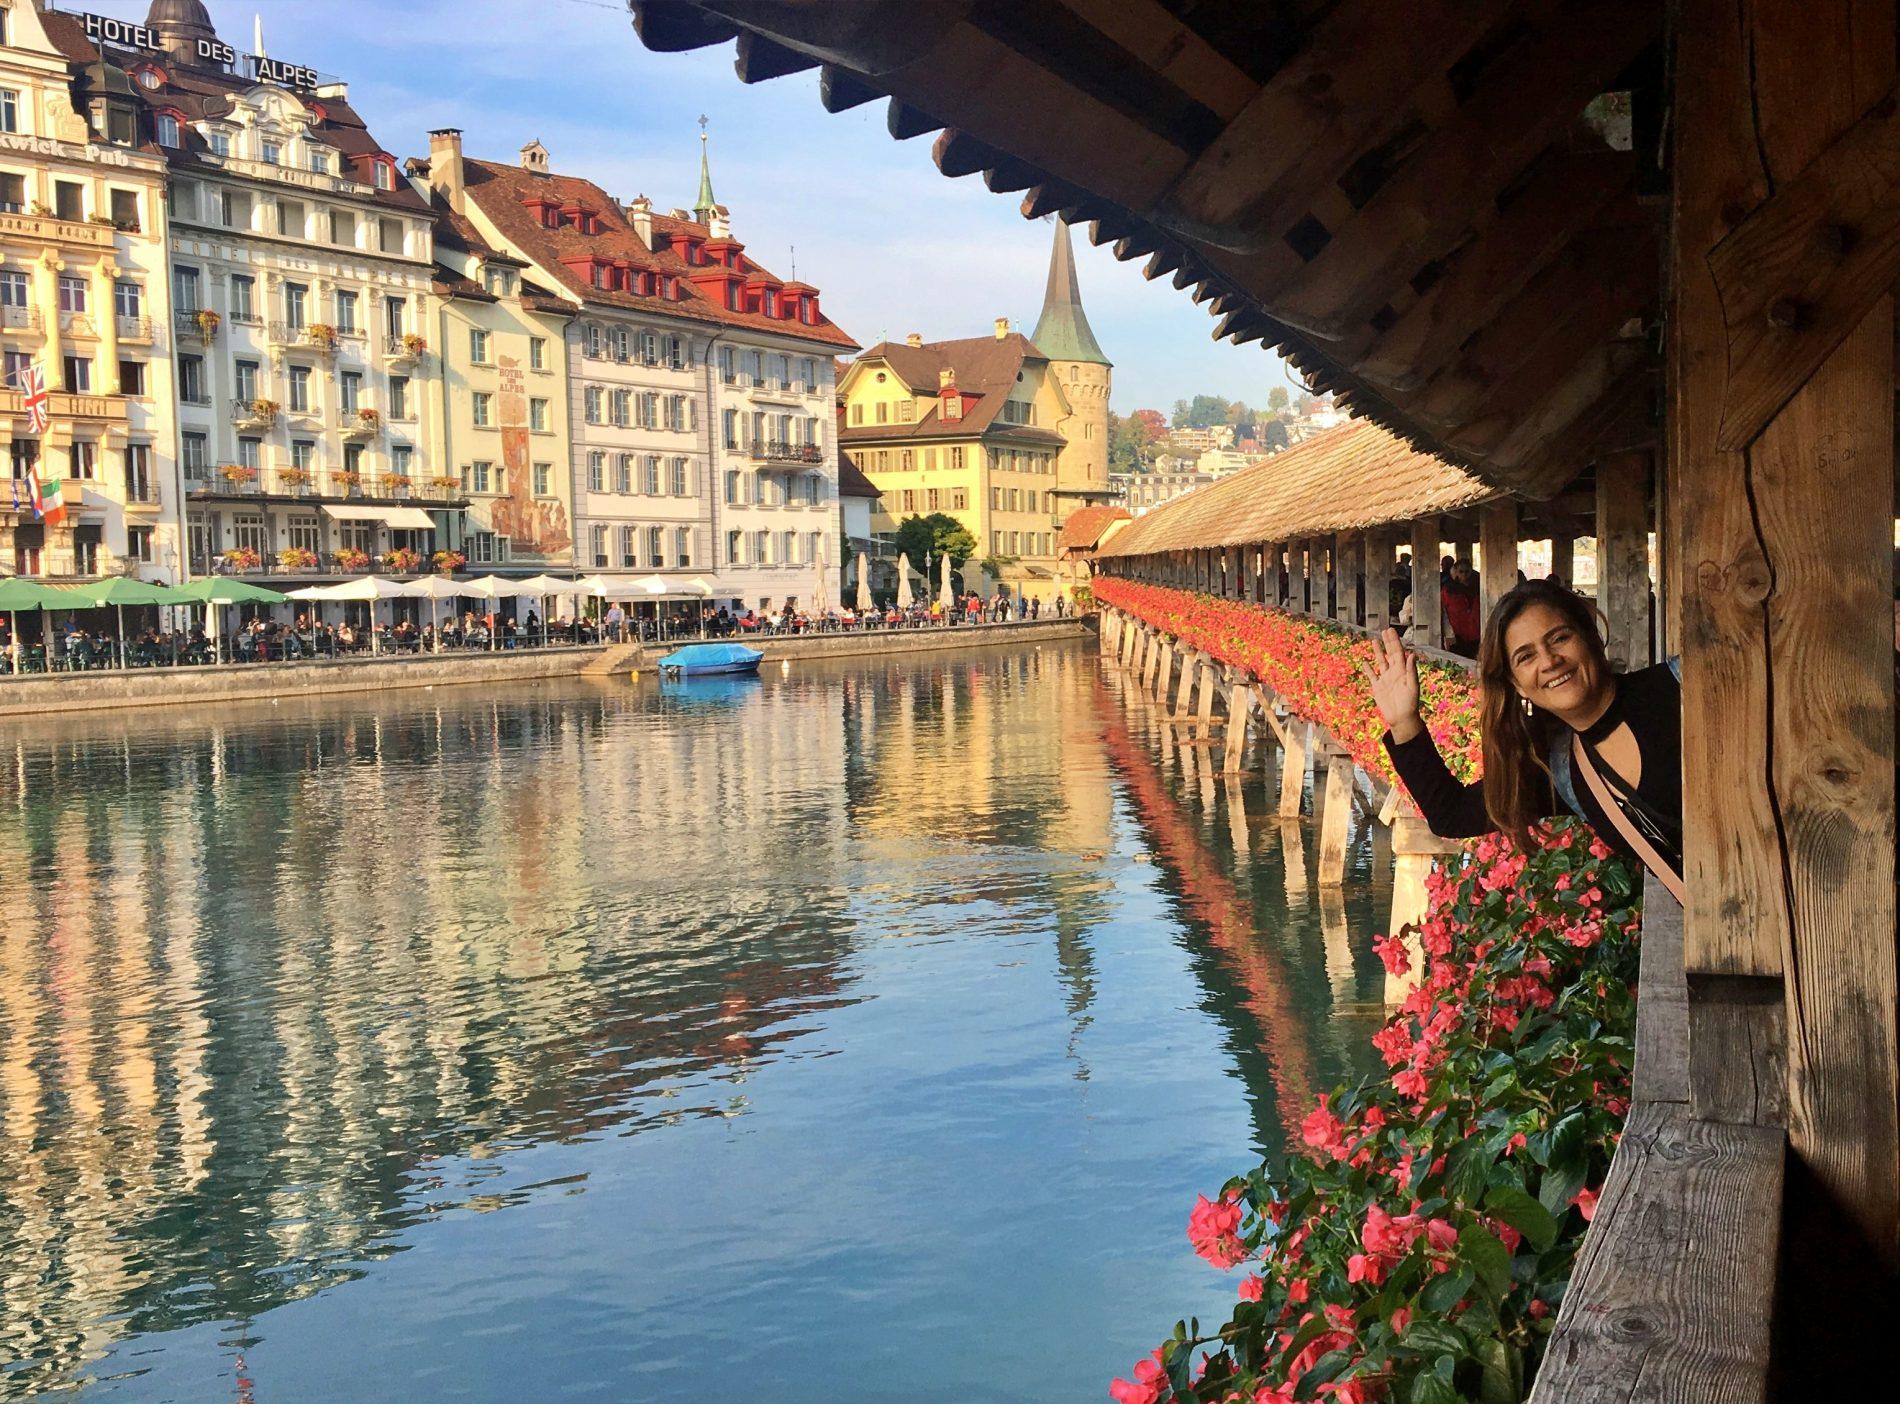 Lucerna, uma linda vila medieval na Suíça - Uma cidade encantadora, com suas pontes, fontes, lagos e arquitetura medieval